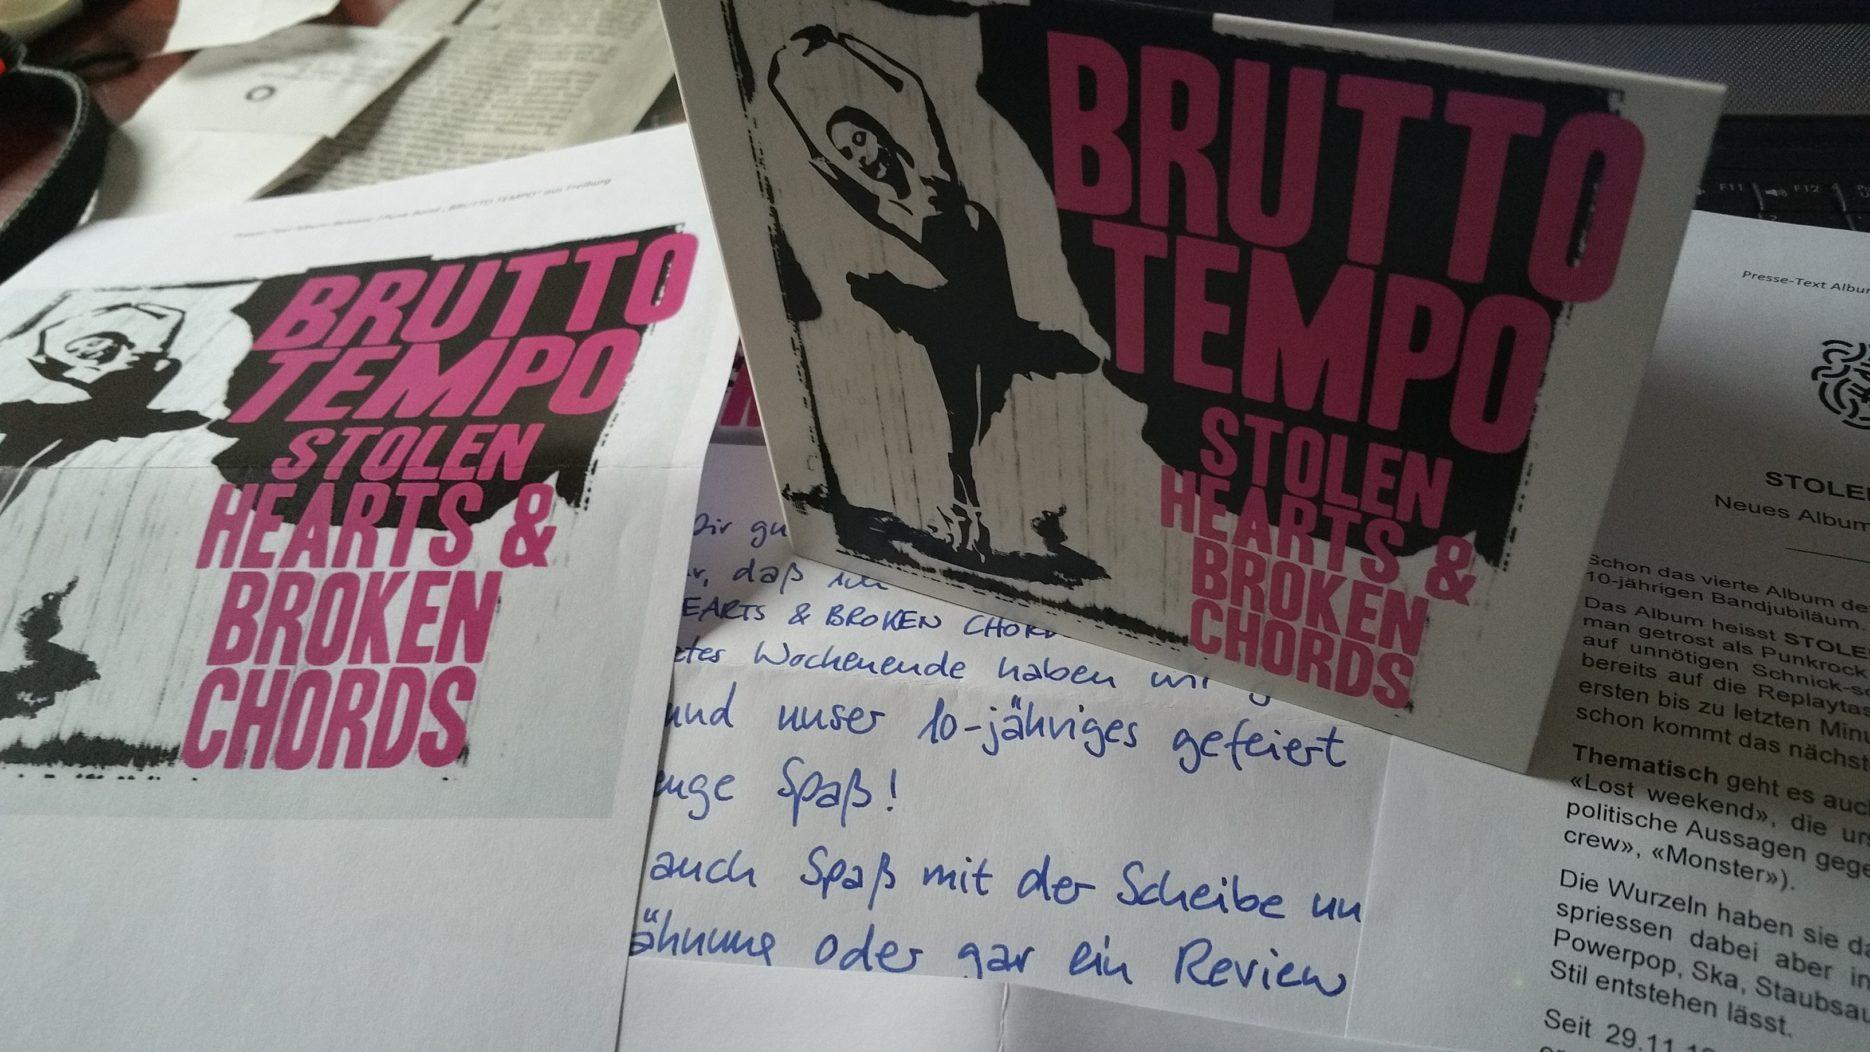 review: BRUTTO TEMPO – stolen hearts & broken chords CD